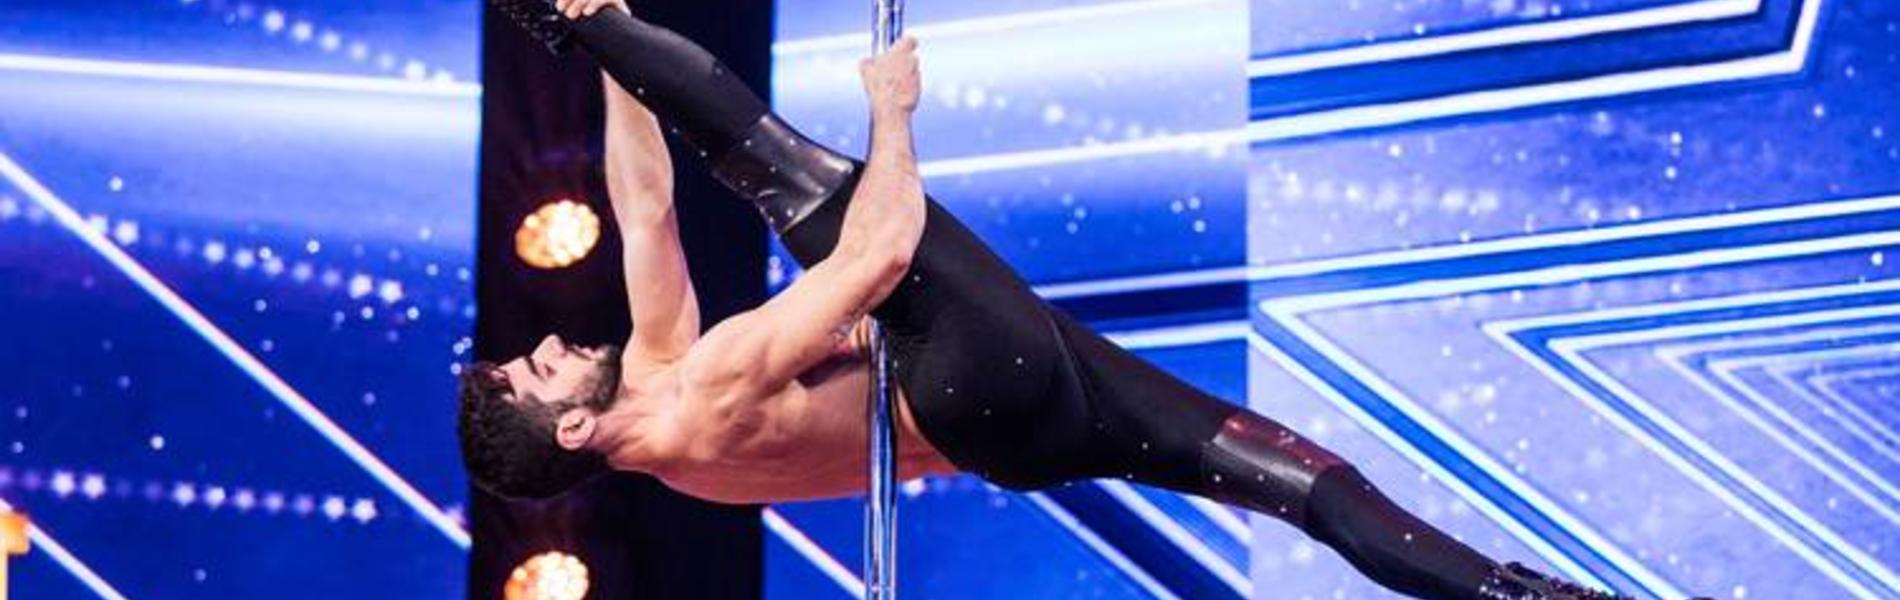 הגבר שרוקד על עמוד עם עקבים הוא הדבר הכי מרגש בטלוויזיה שלכם